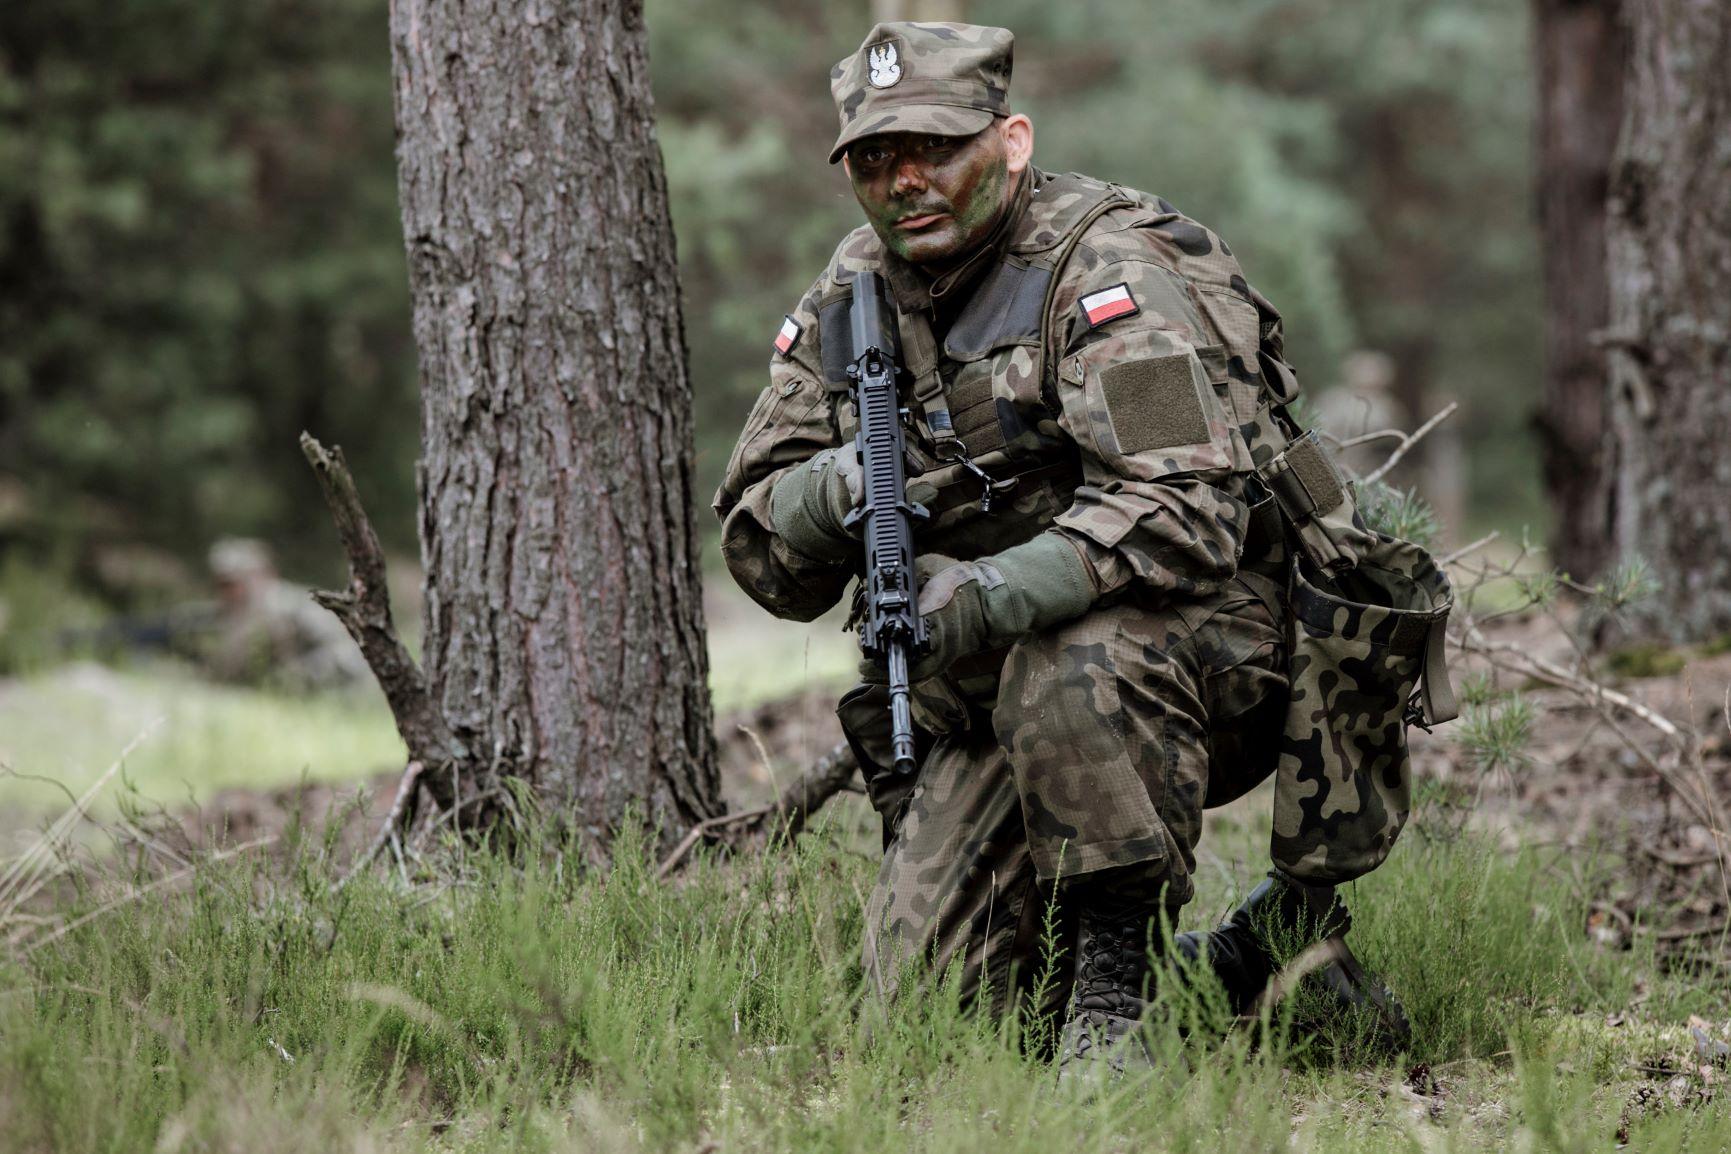 Województwo lubelskie: terytorialsi zorganizują specjalne szkolenie. Dla uczniów, studentów i nauczycieli - Zdjęcie główne